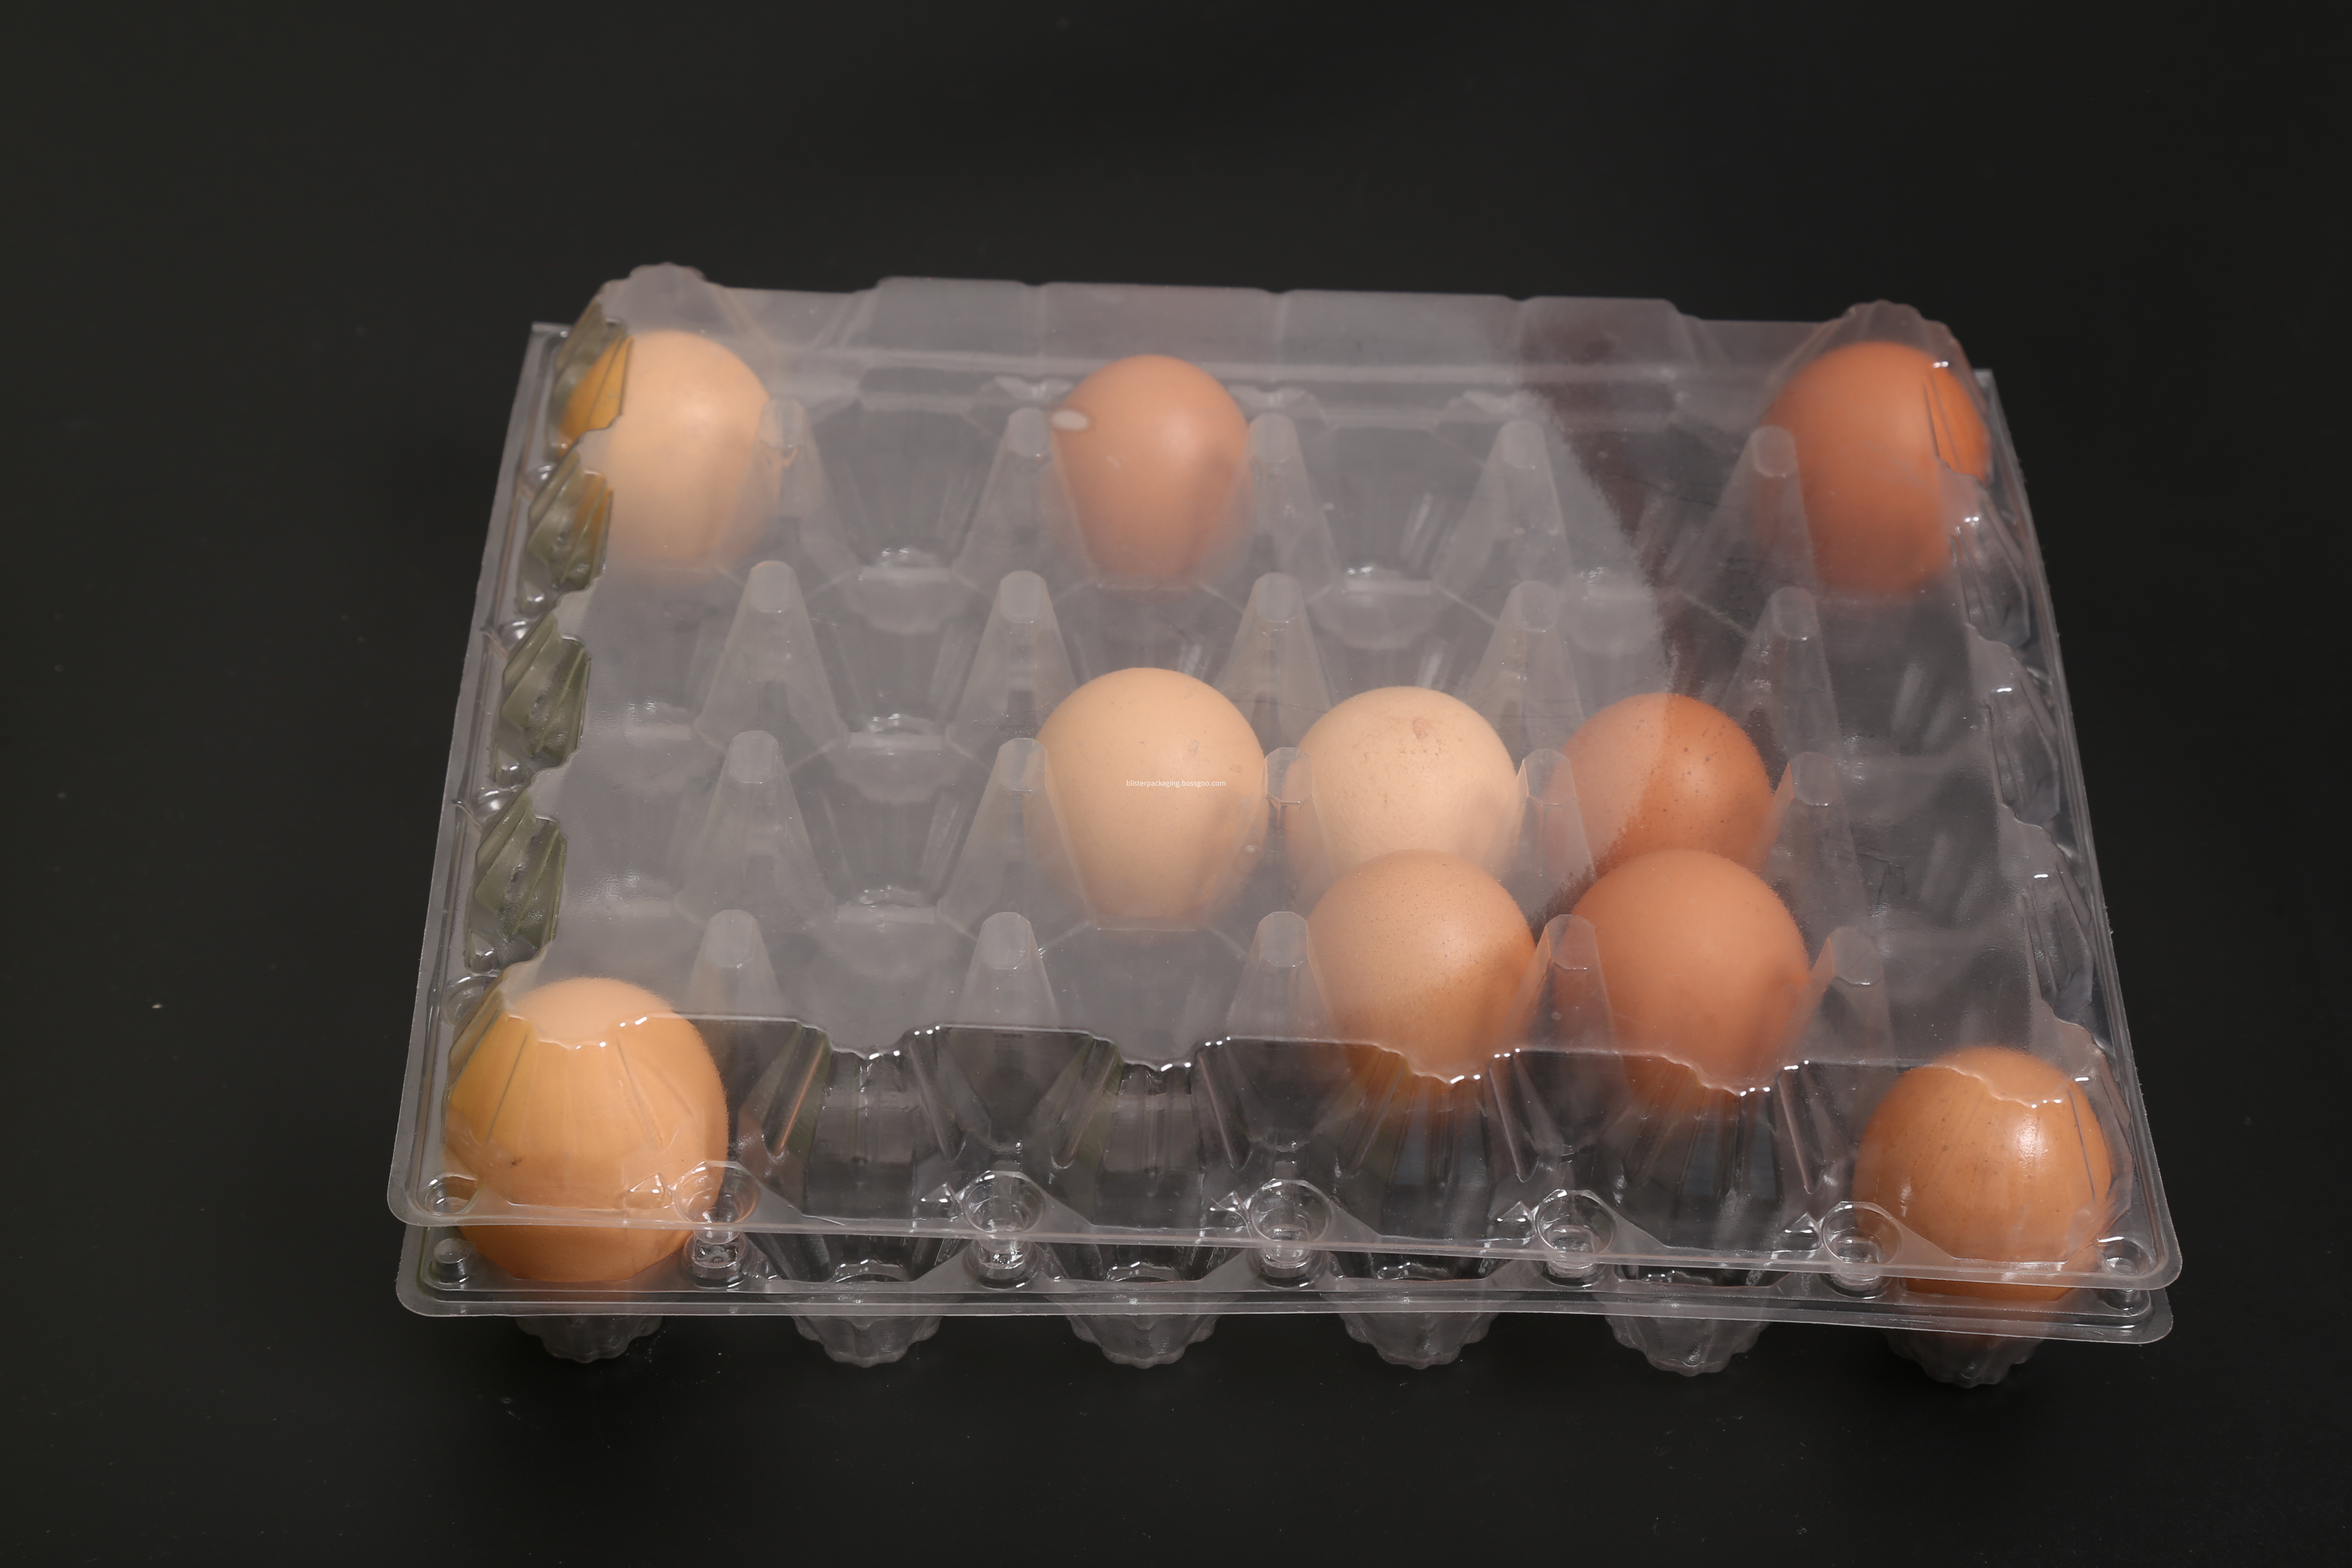 30pcs egg cartons